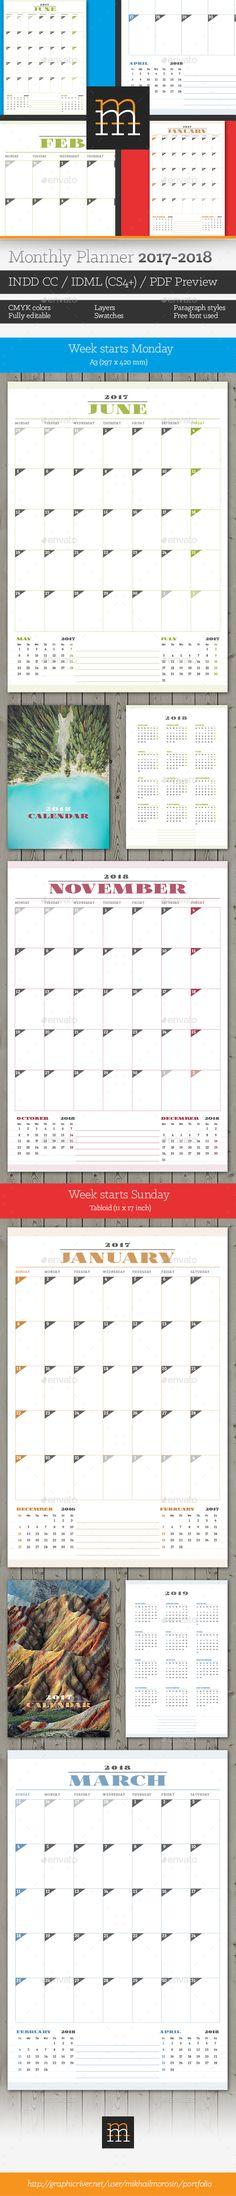 Desk Calendar 2016 (DC06) Calendars 2016, Stationery and Calendar